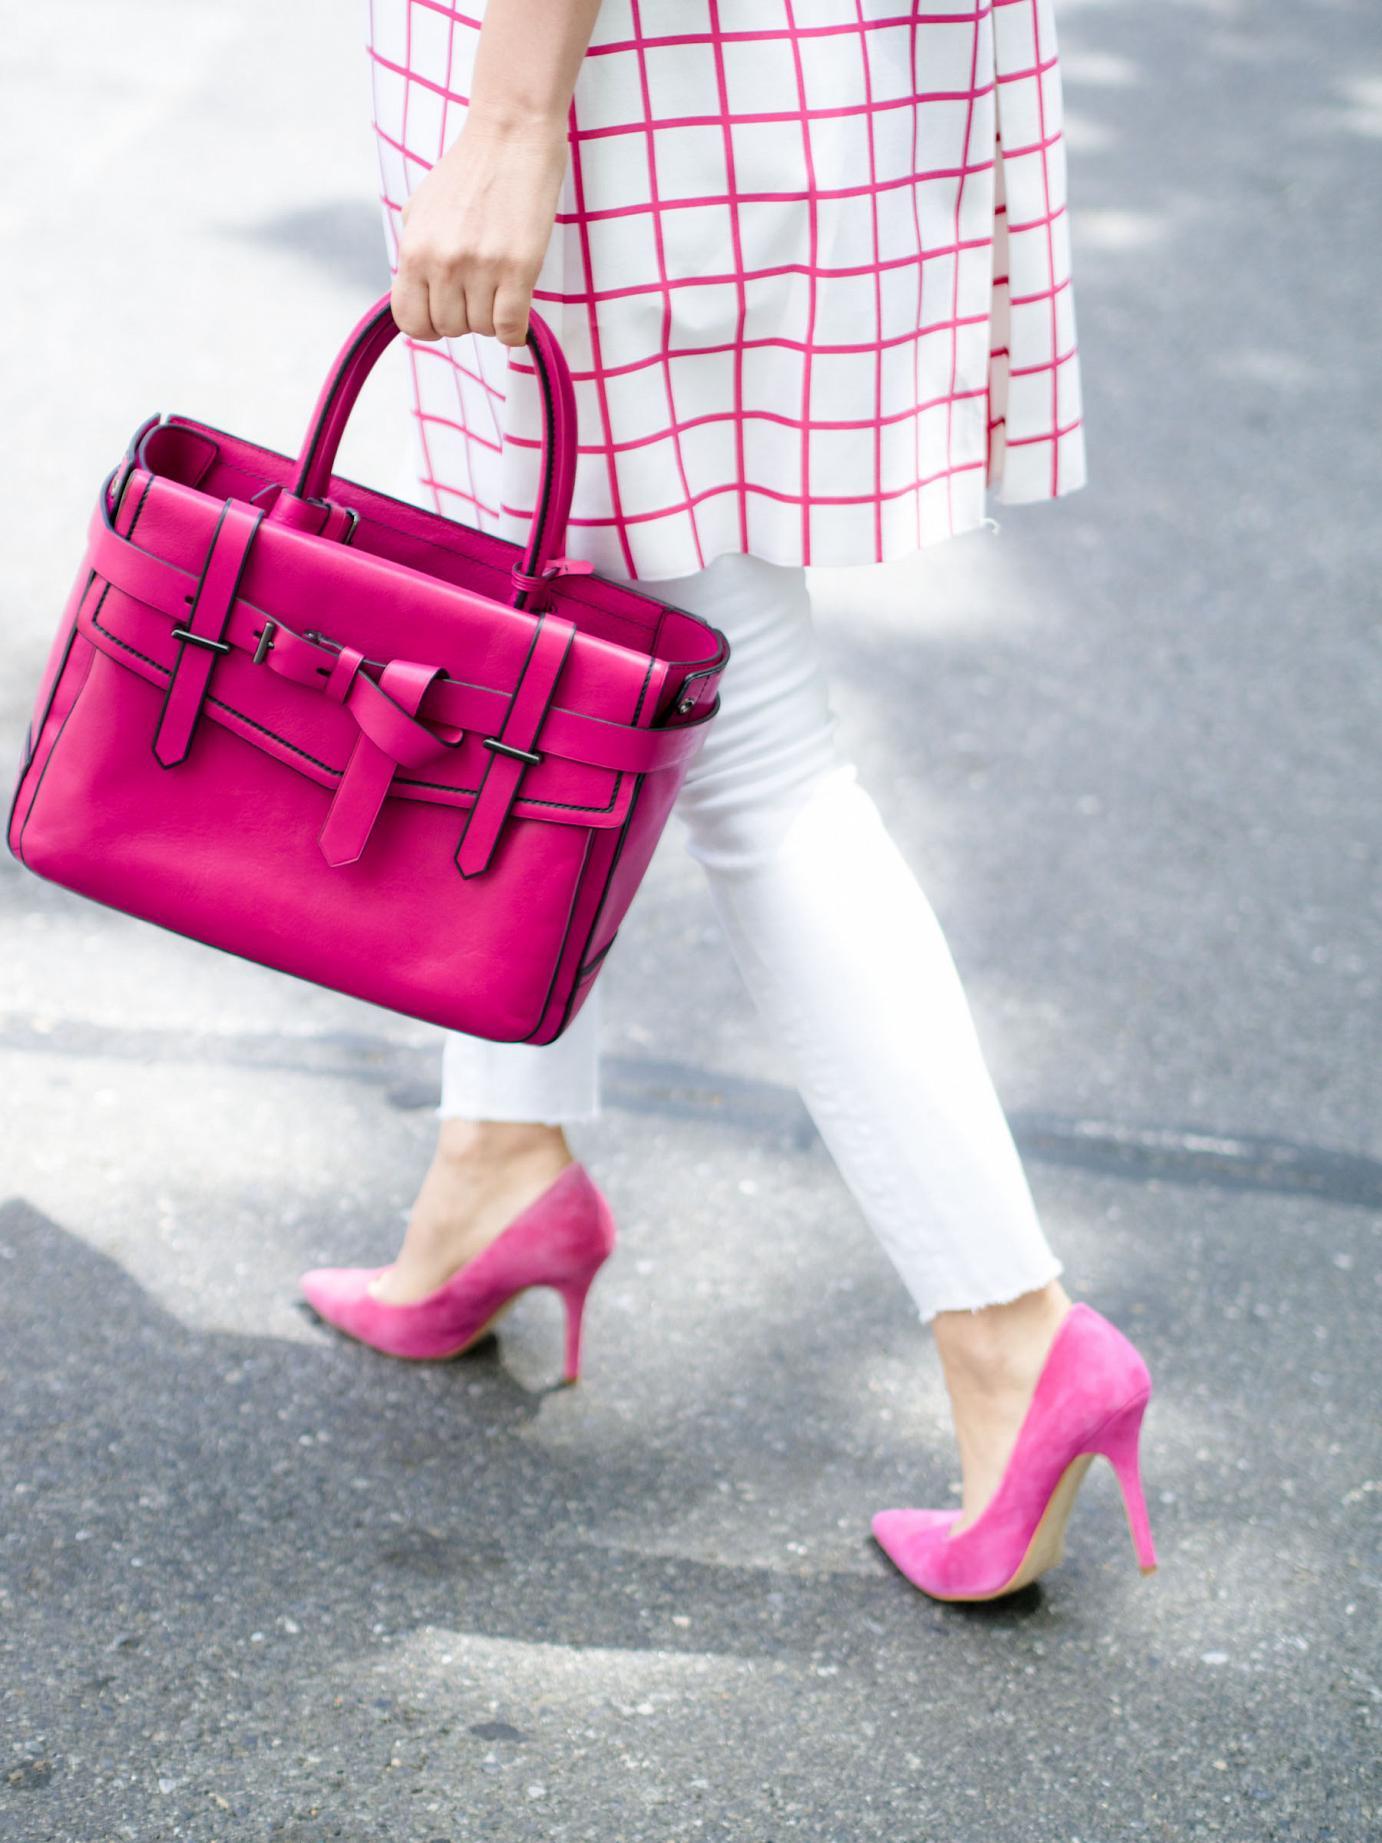 Яркая сумка станет прекрасным приобретением для лета 2015